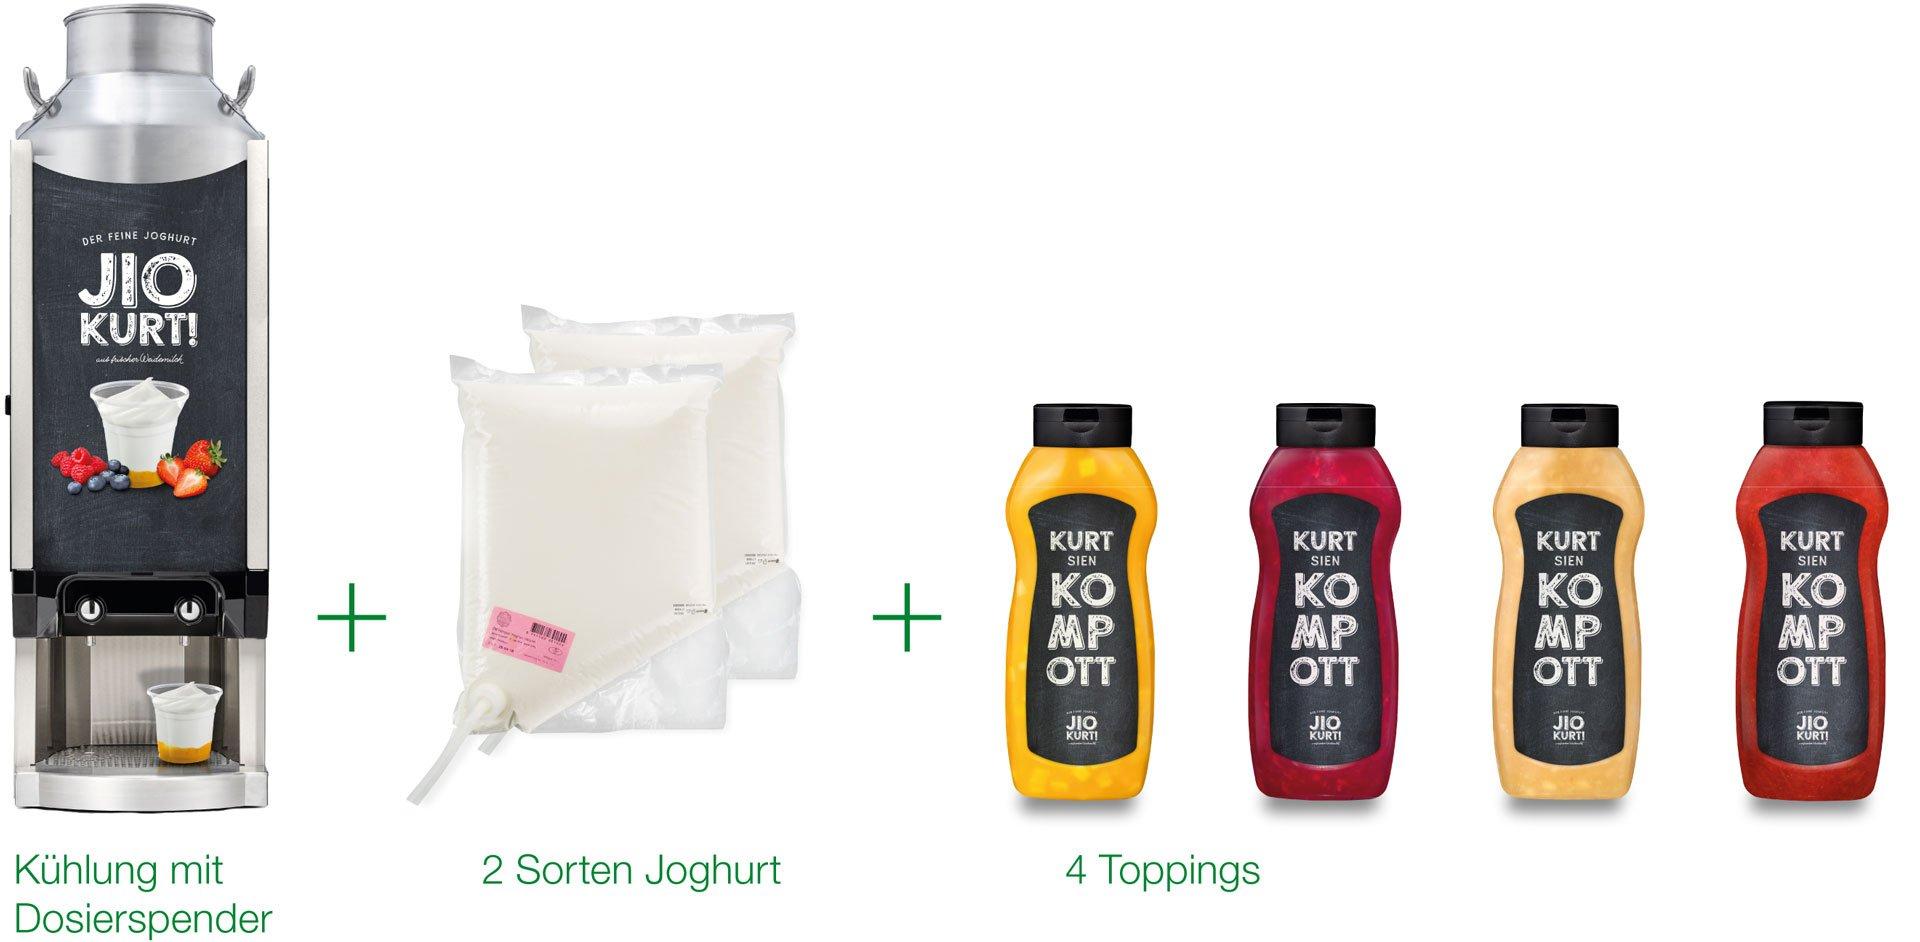 Kühlung mit Dosierspender, 2 Sorten Joghurt, 4 Toppings